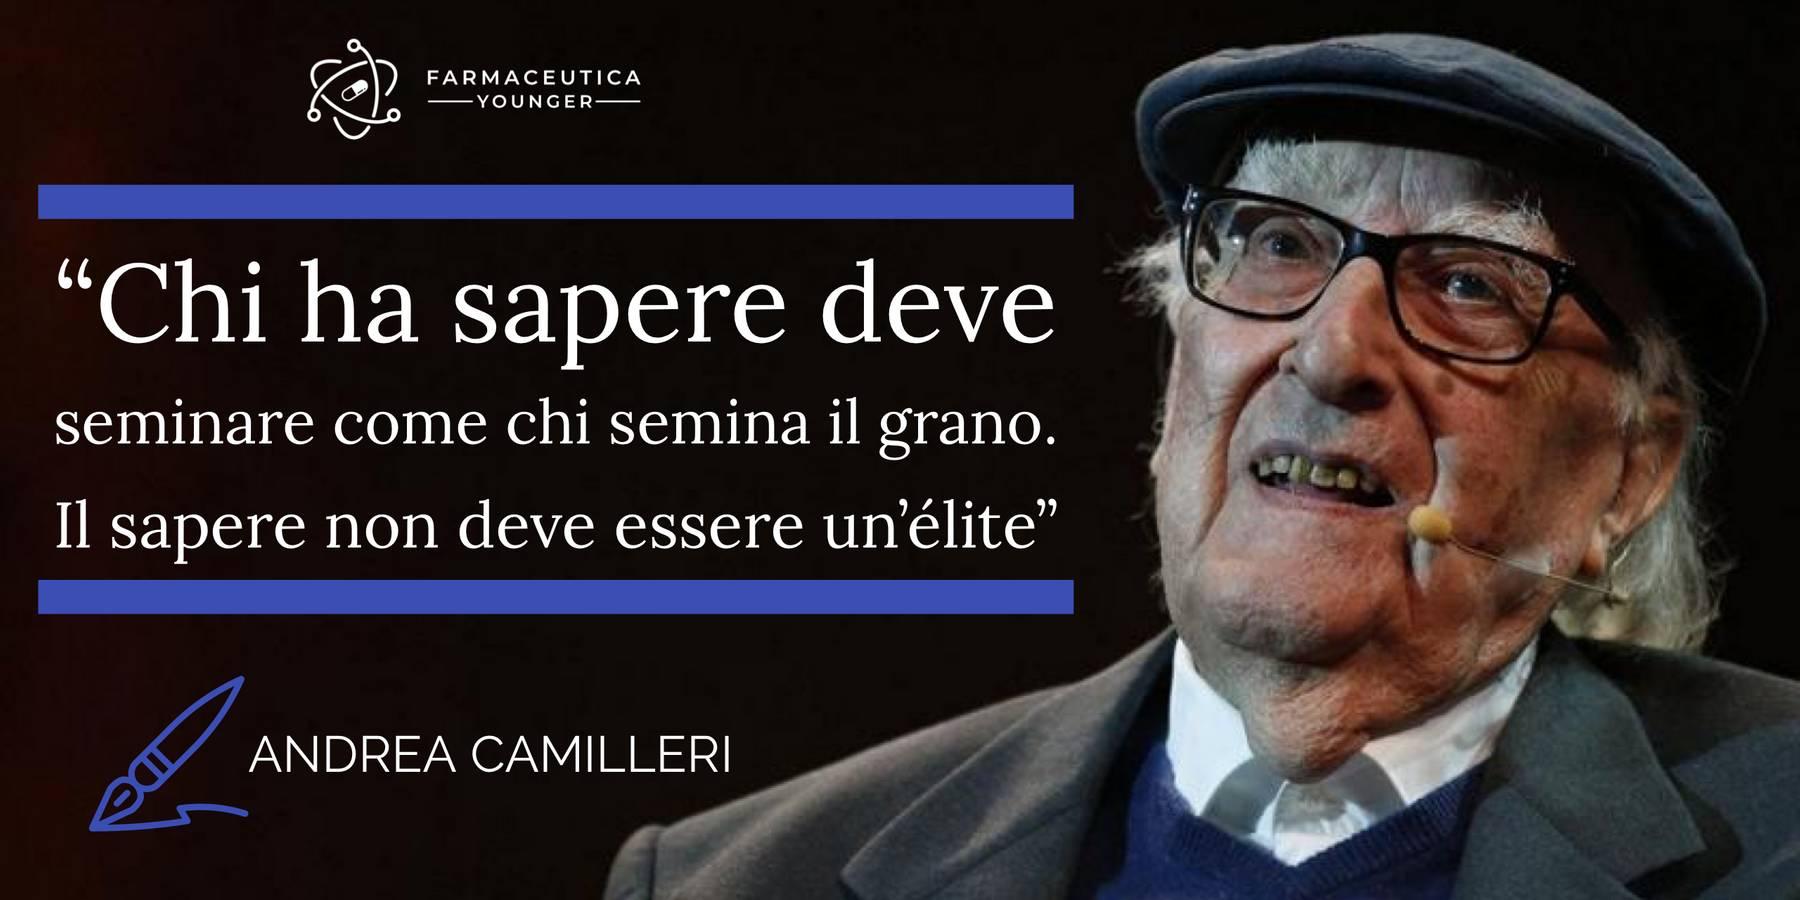 ANDREA CAMILLERI -